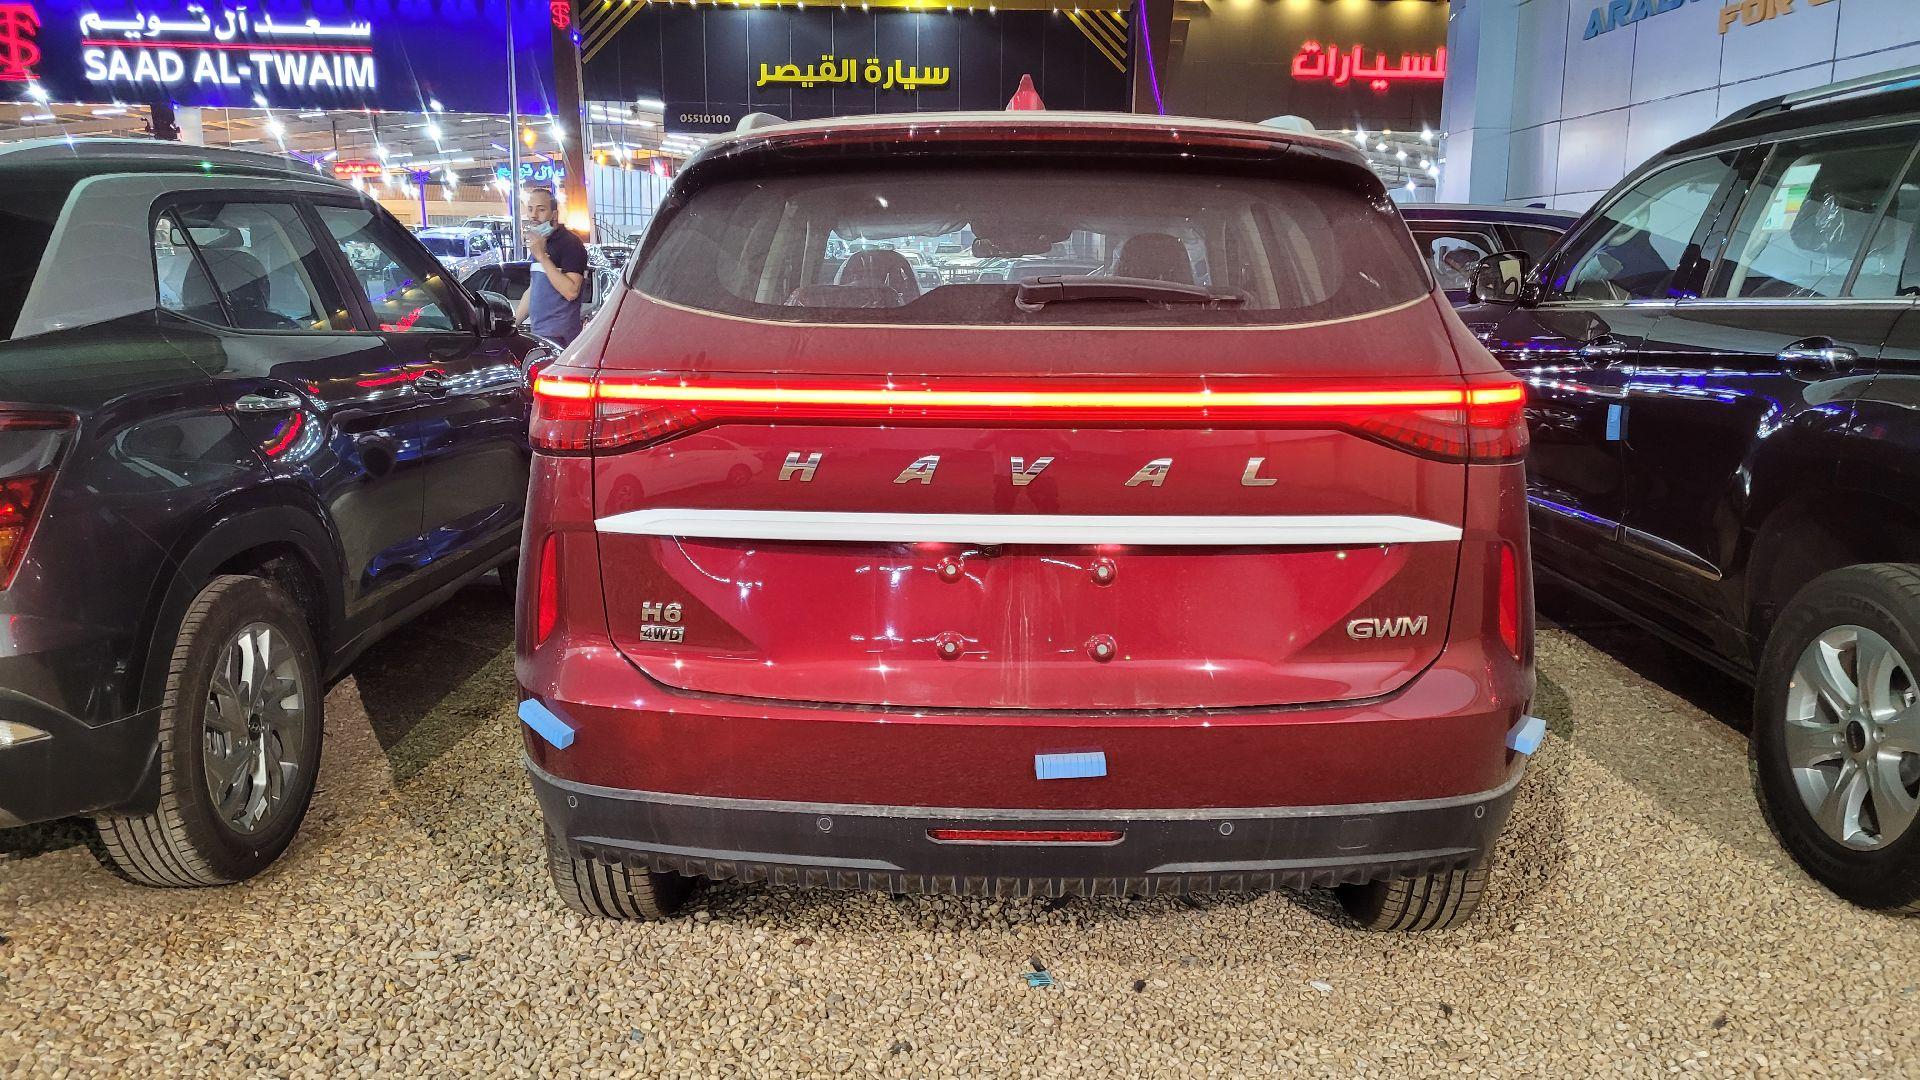 هافال H6 بانوراما 2021 فل سعودي للبيع في الرياض - السعودية - صورة كبيرة - 7